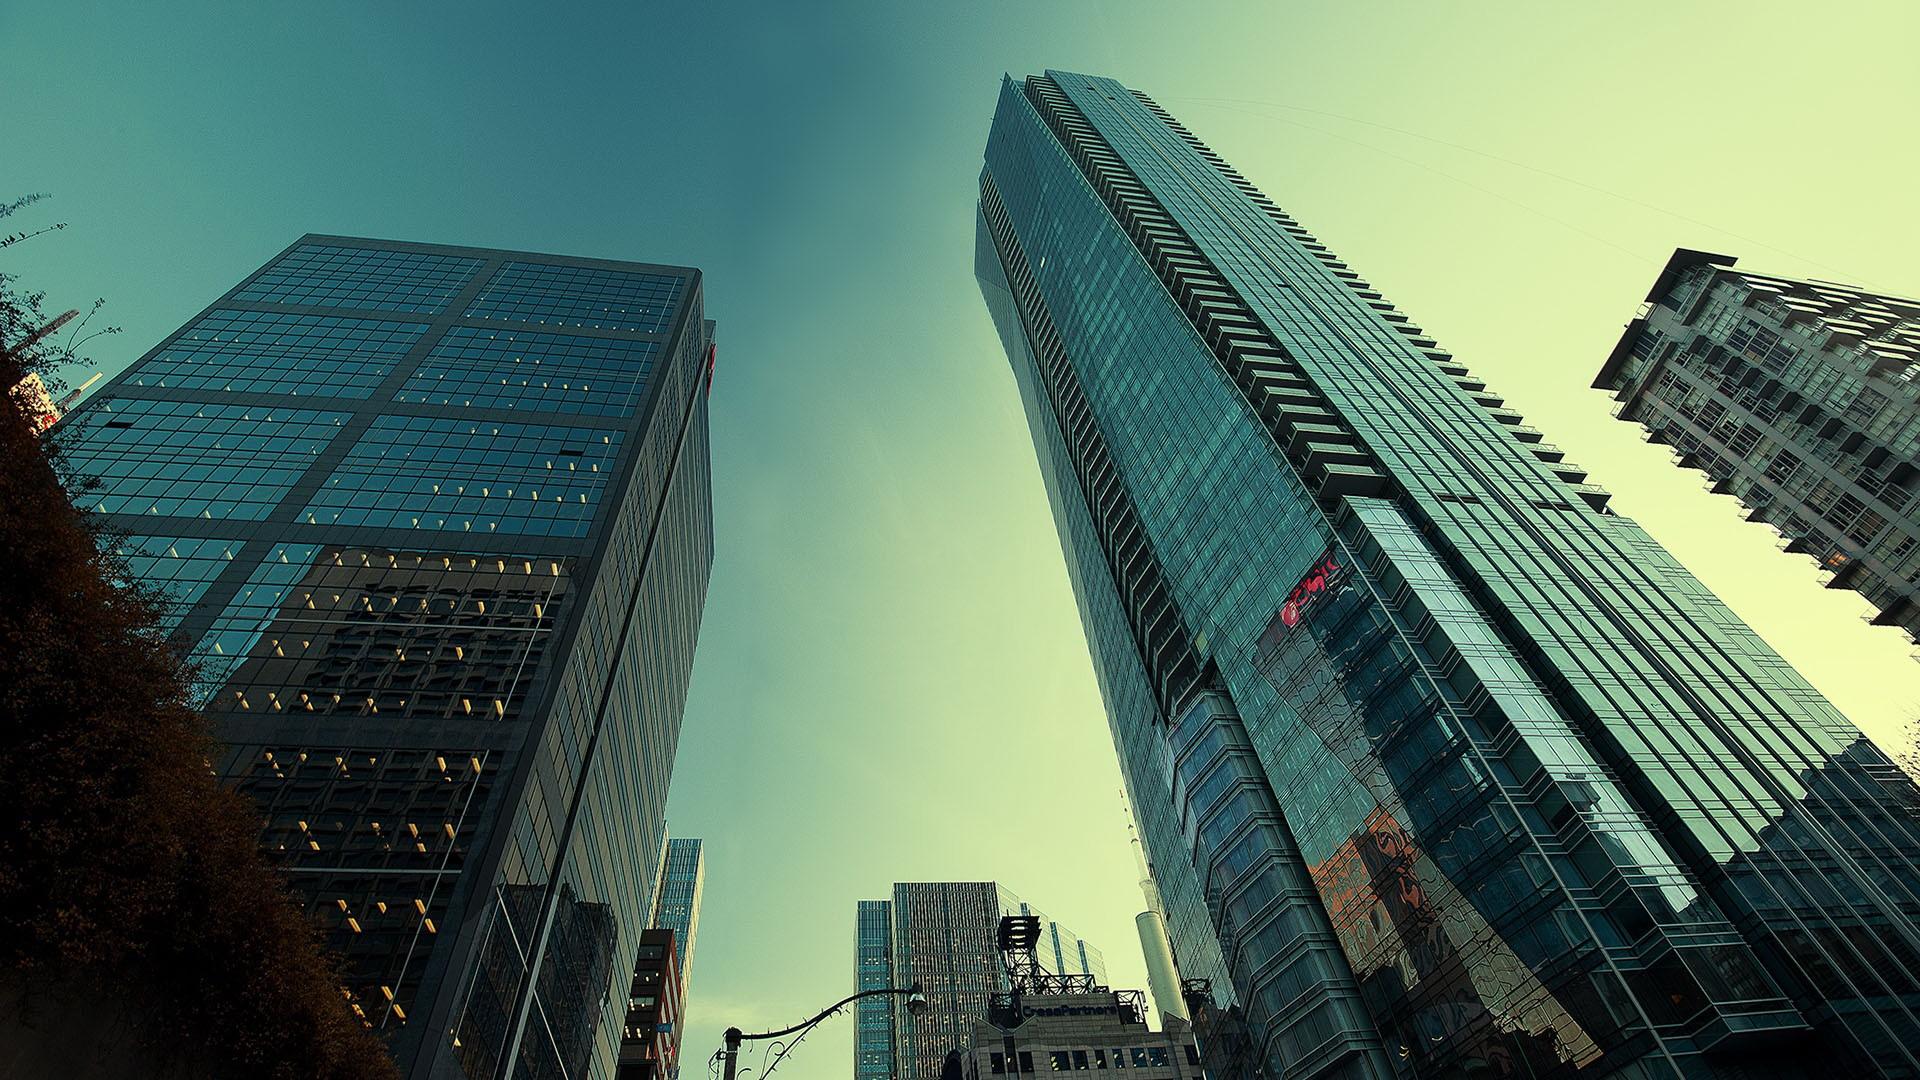 Skyscraper HD Wallpaper